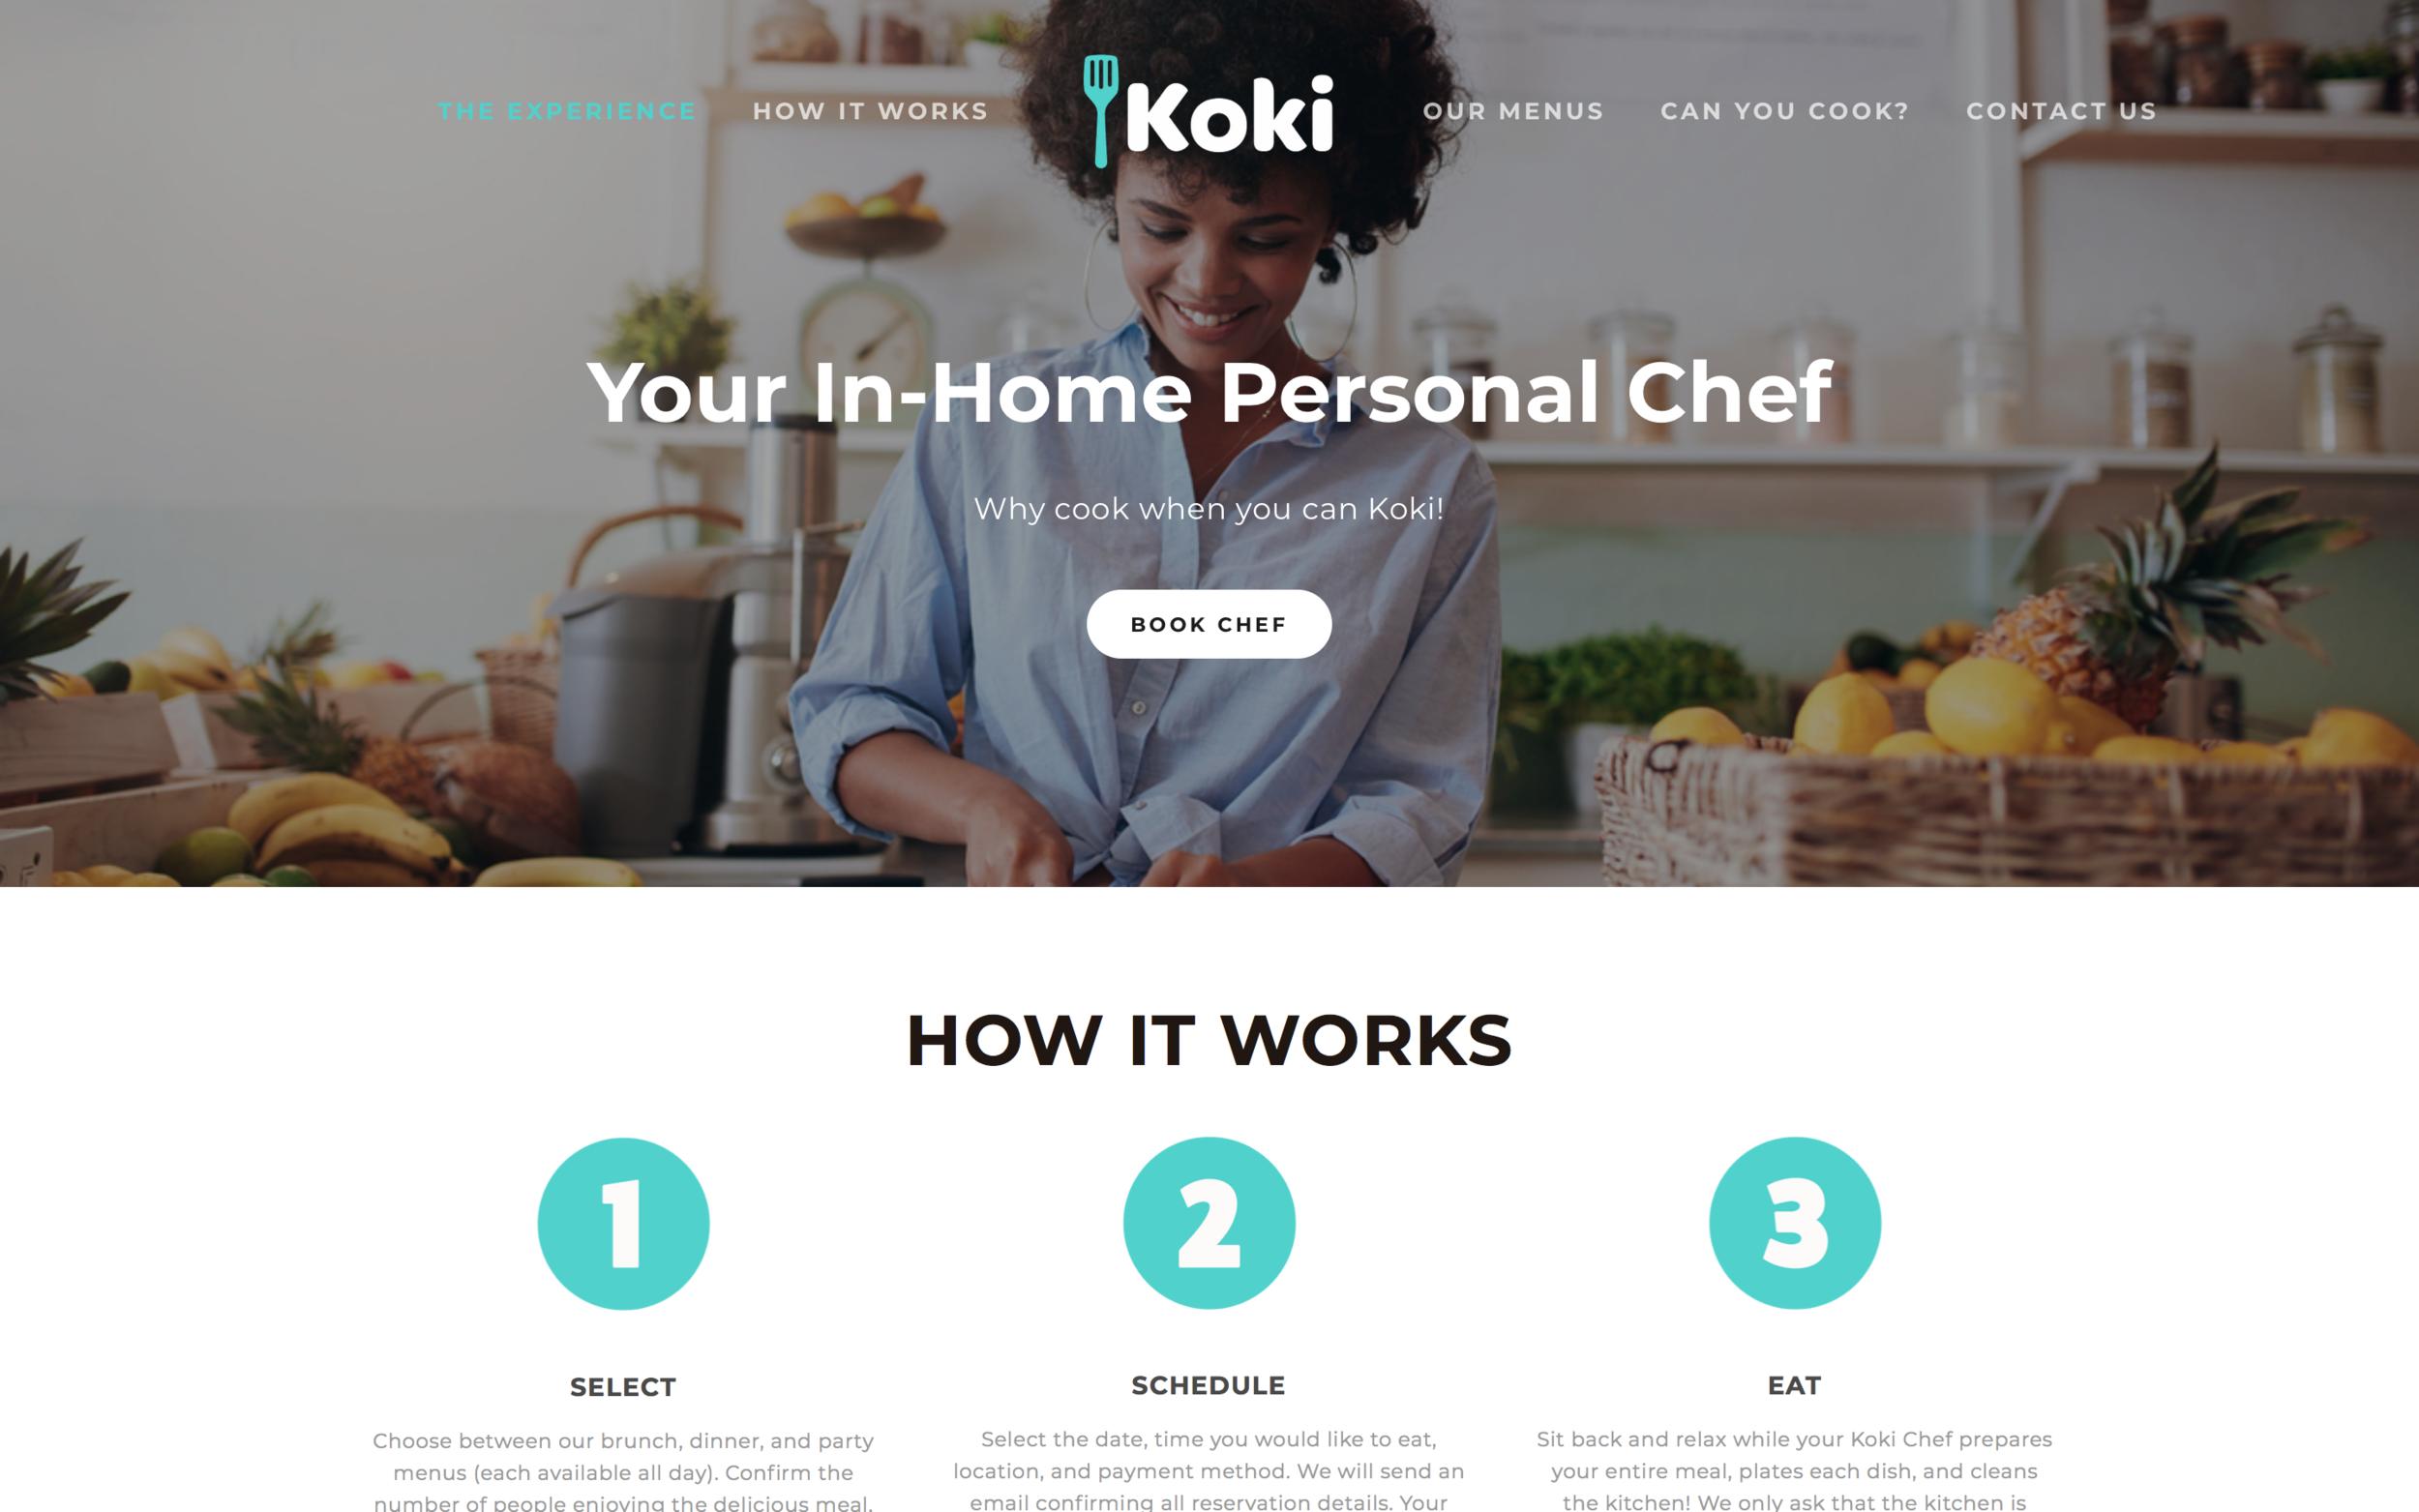 KokiExperience.com